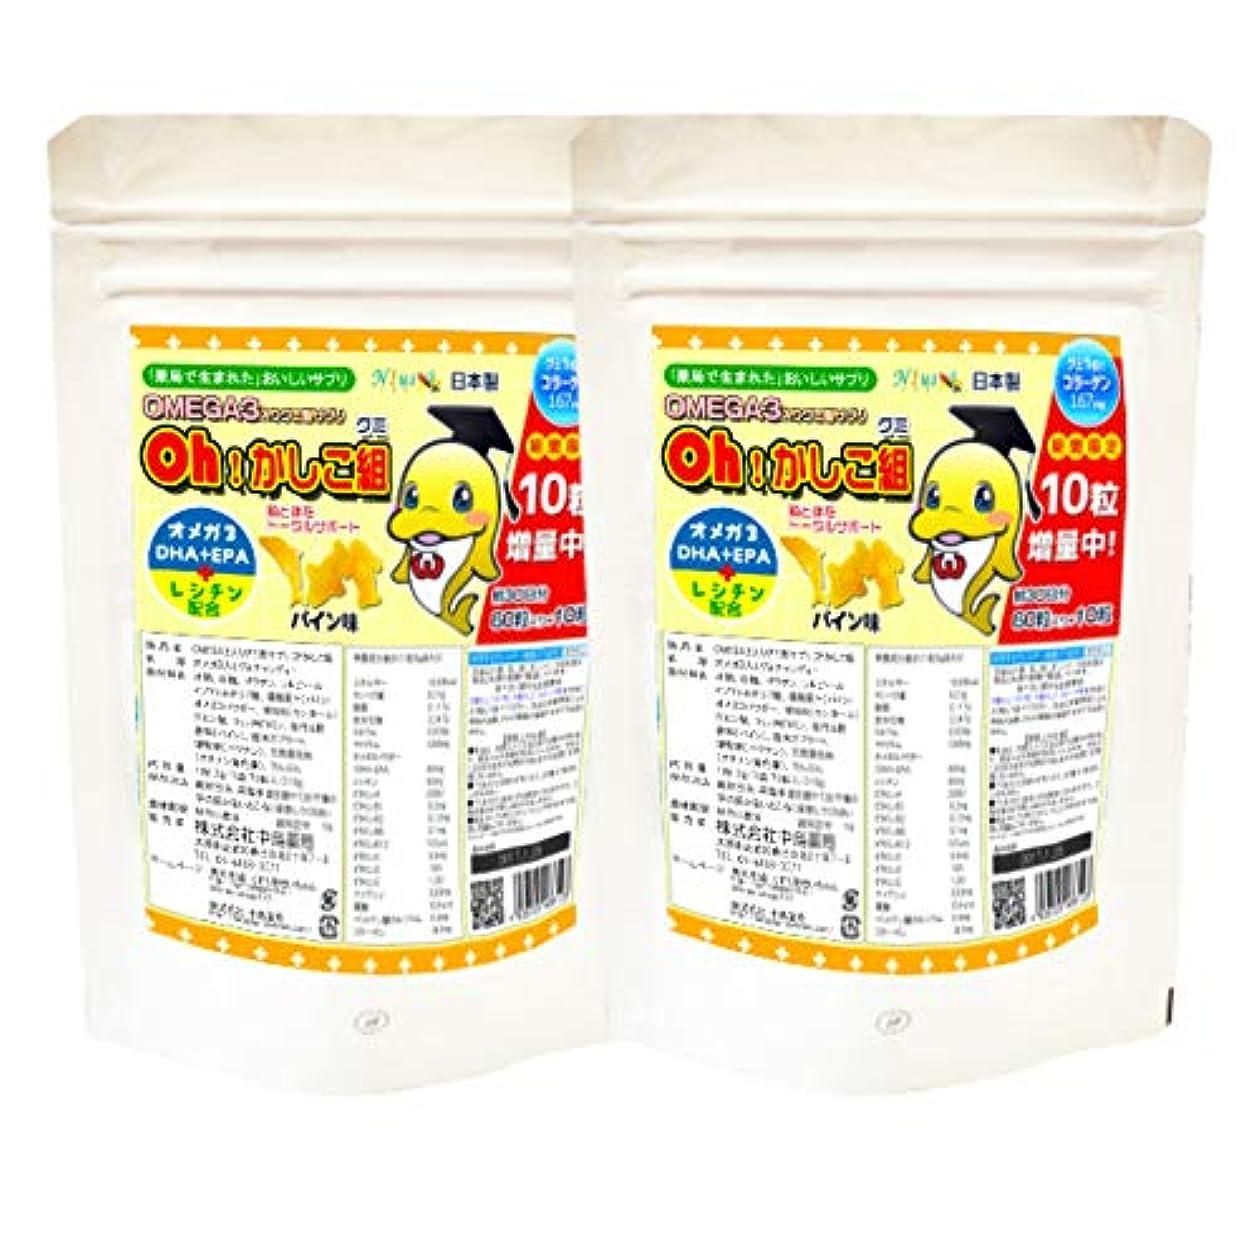 集める上級スズメバチオメガ3グミ2袋セット【Oh!かしこ組オメガ3グミ60粒入(約1か月分)×2袋セット】今なら10粒増量中!パイナップル味?(レシチン+マルチビタミンも配合)